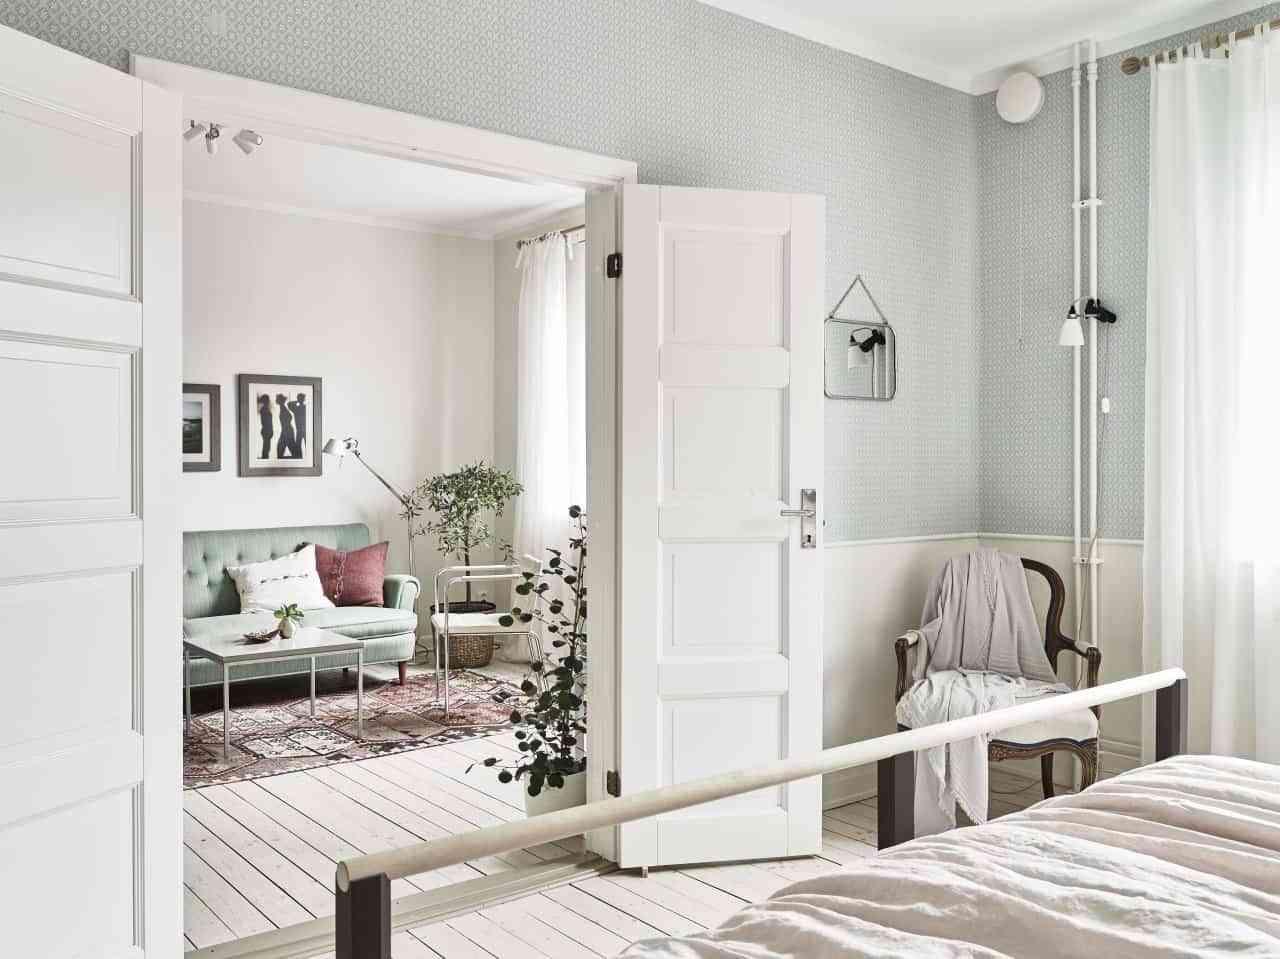 aprender-a-decorar-mi-casa-iii